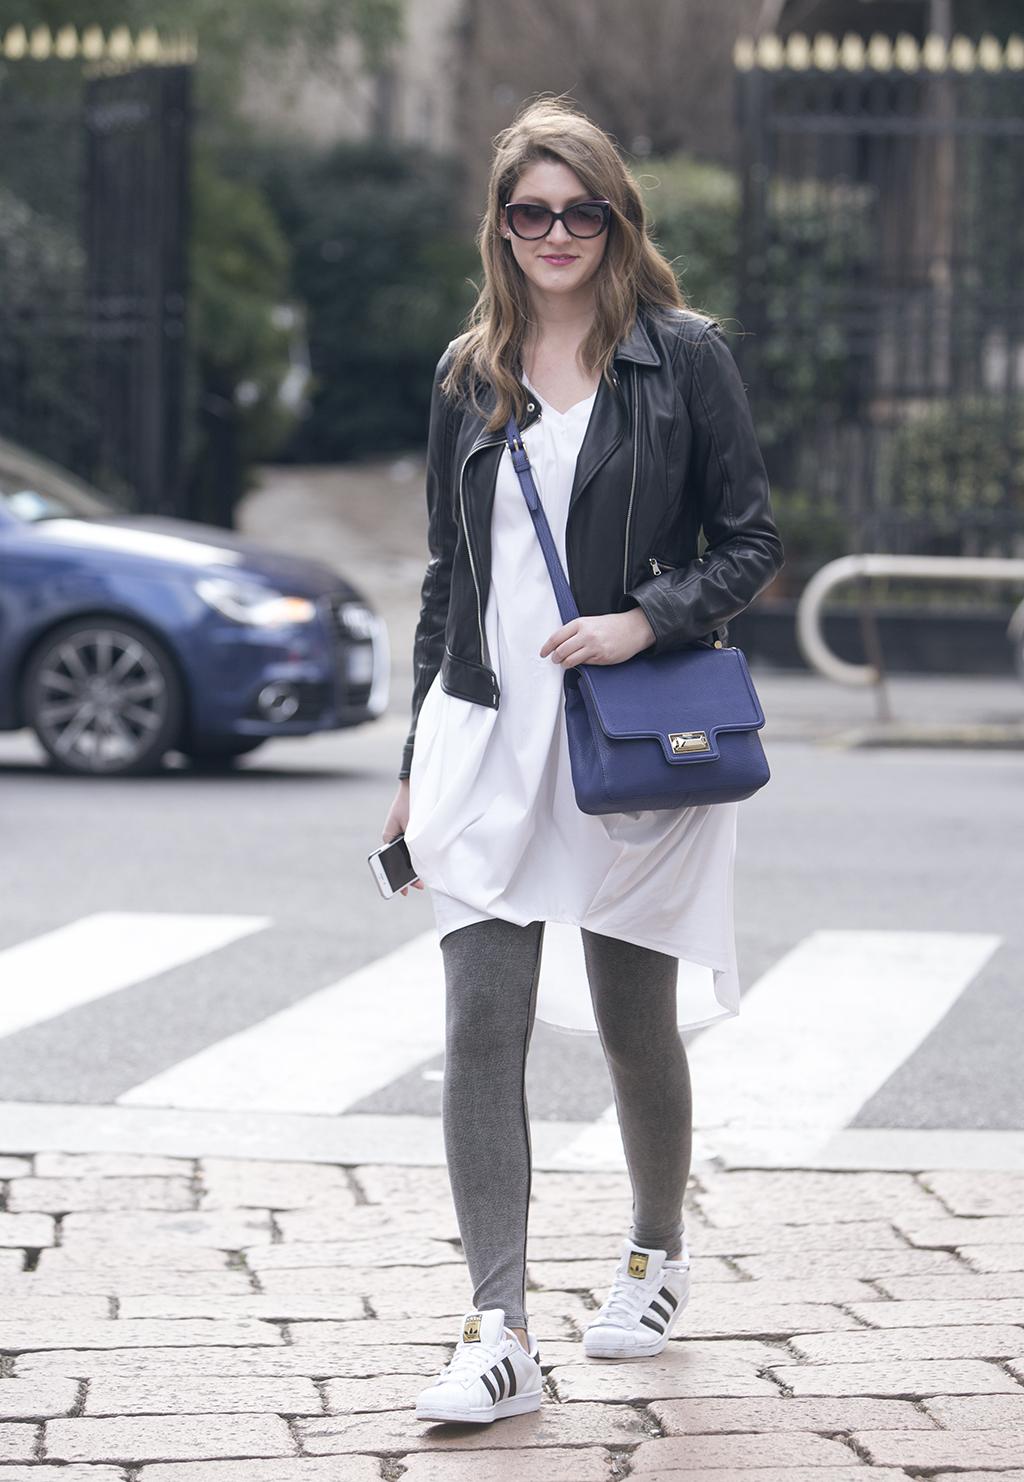 milanfashionweek_outfit_cako4.jpg